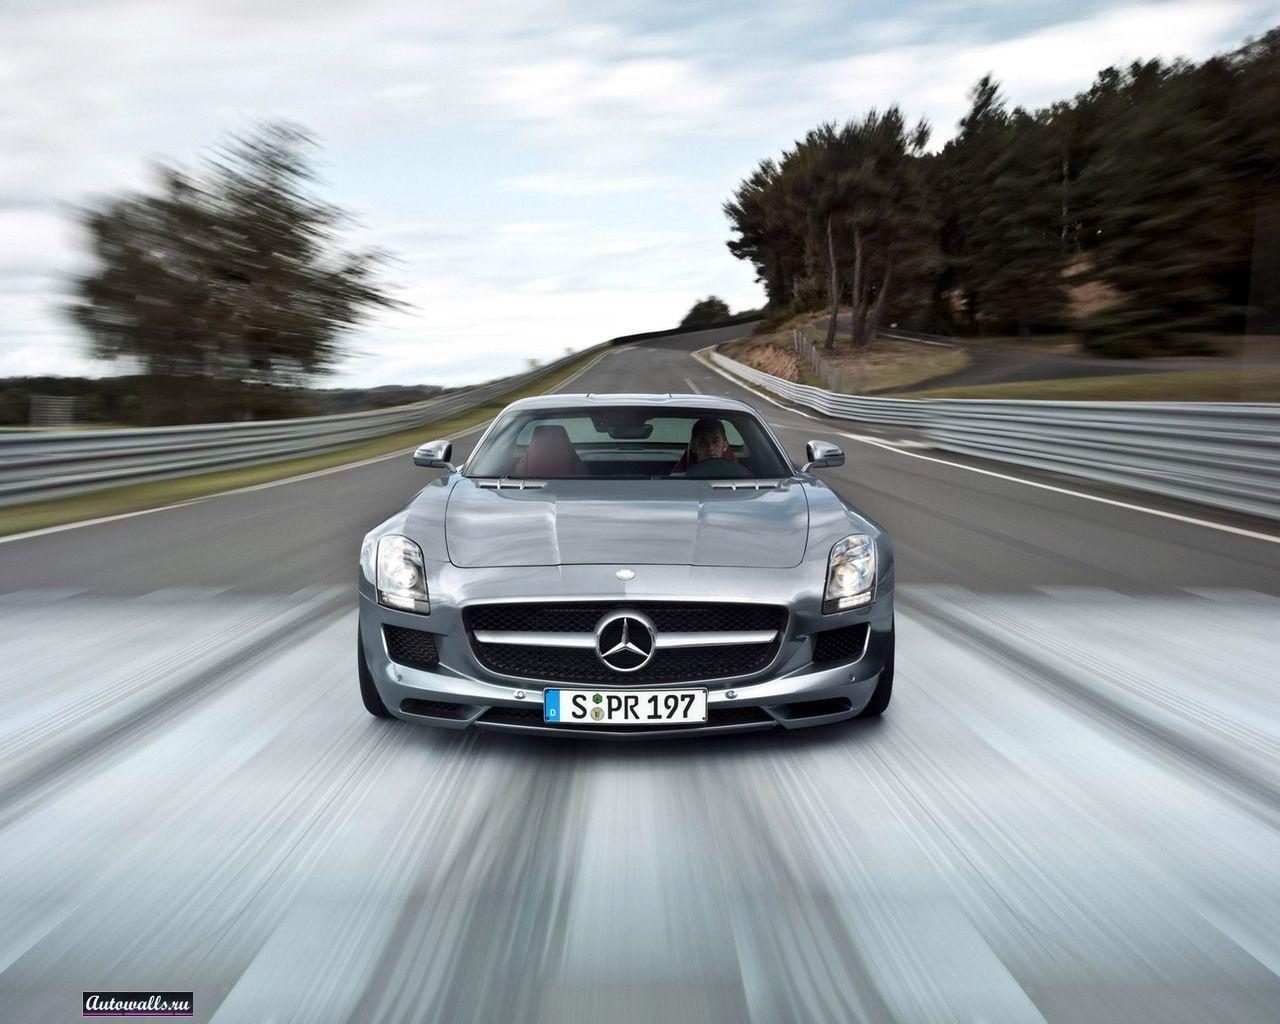 10360 Hintergrundbild herunterladen Transport, Auto, Roads, Mercedes - Bildschirmschoner und Bilder kostenlos